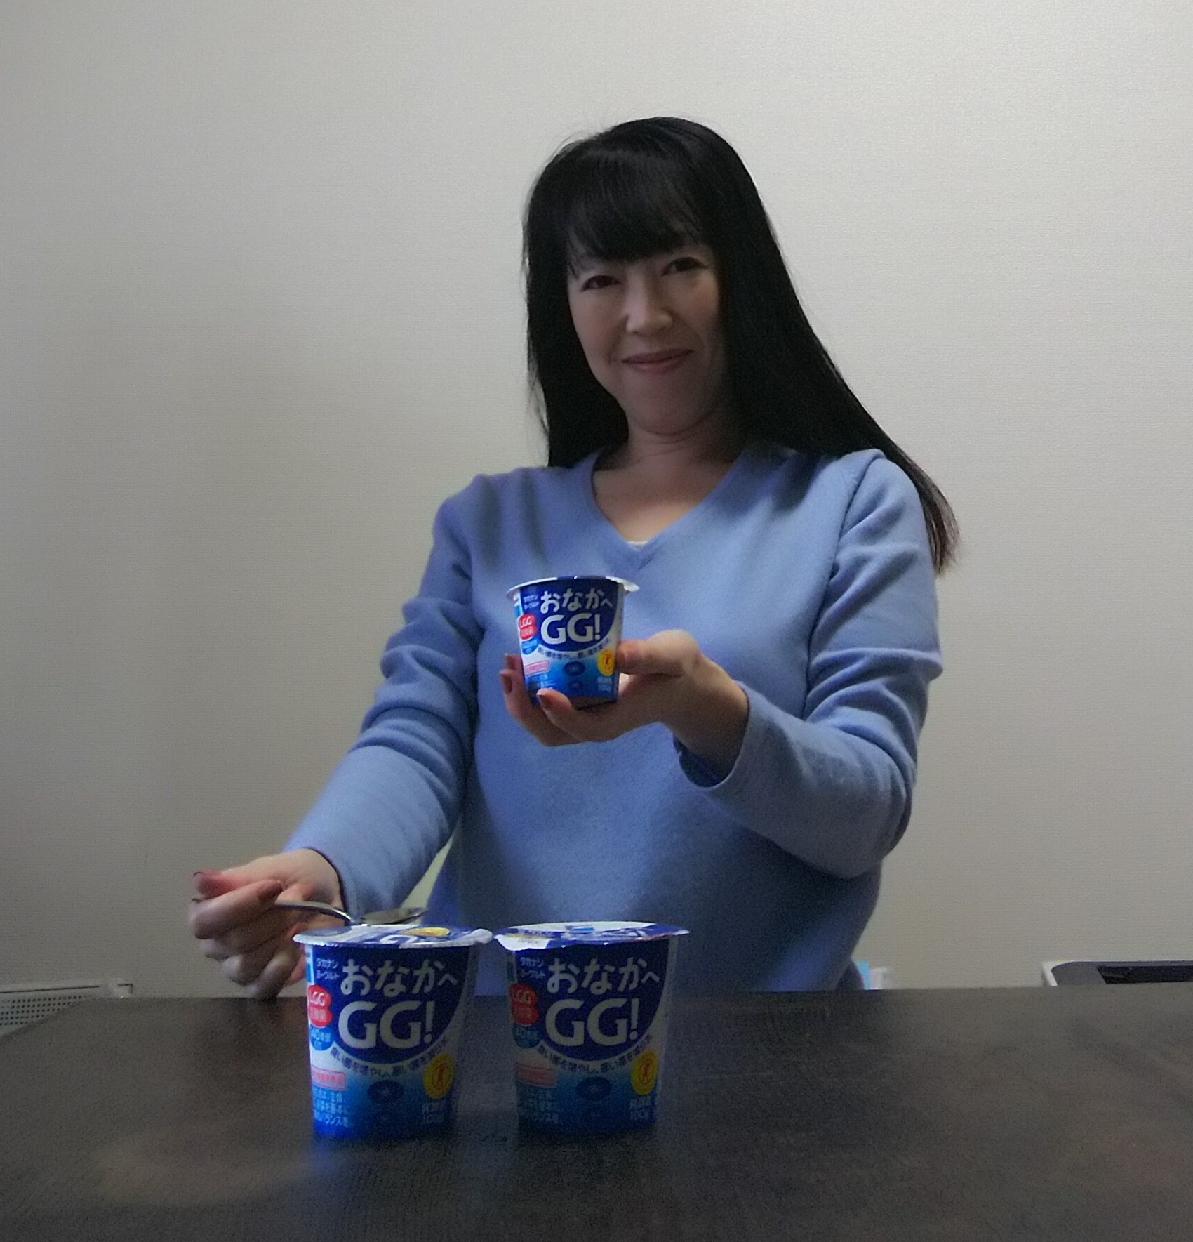 タカナシ乳業 ヨーグルトおなかへGG!を使った東 洋美さんのクチコミ画像